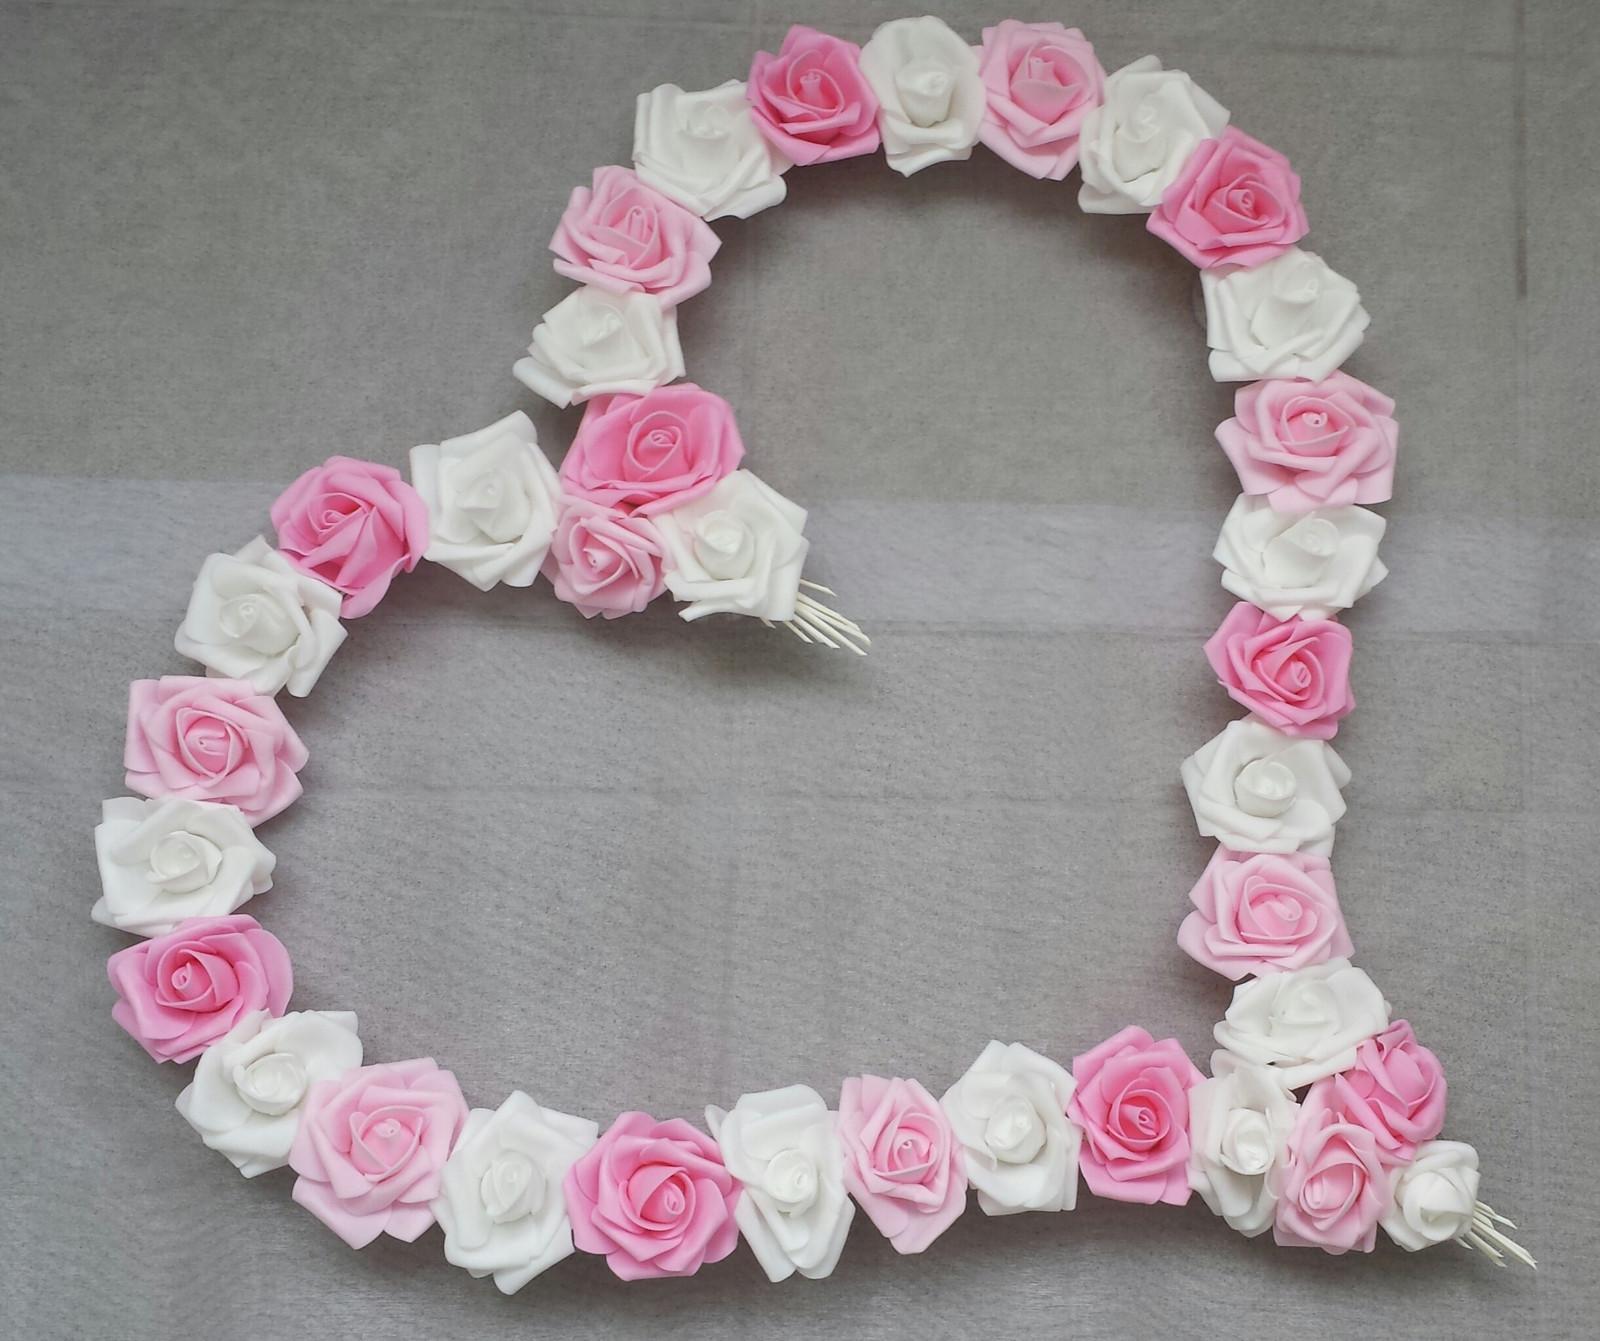 Pedigove srdce na kapotu odstíny růžové - Obrázek č. 1